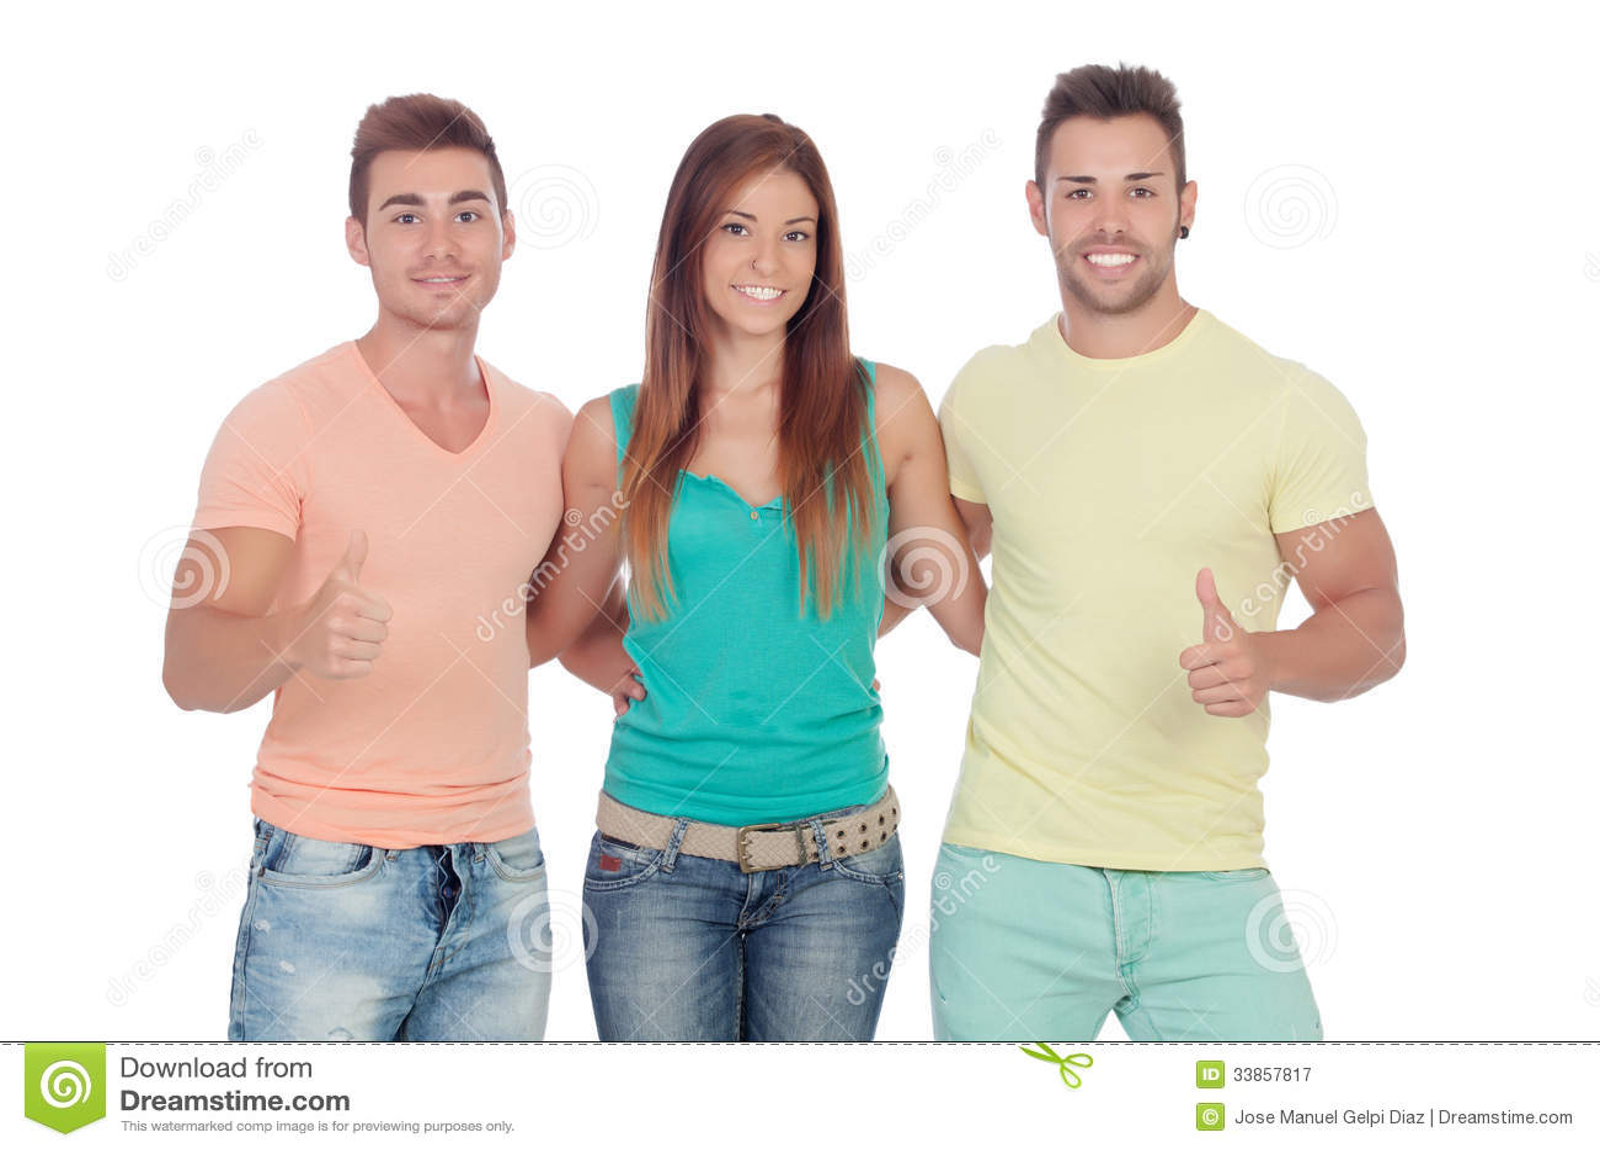 Twee knappe jongens met een mooi meisje die o k zeggen royalty vrije stock fotografie beeld - Twee meisjes en een jongen ...